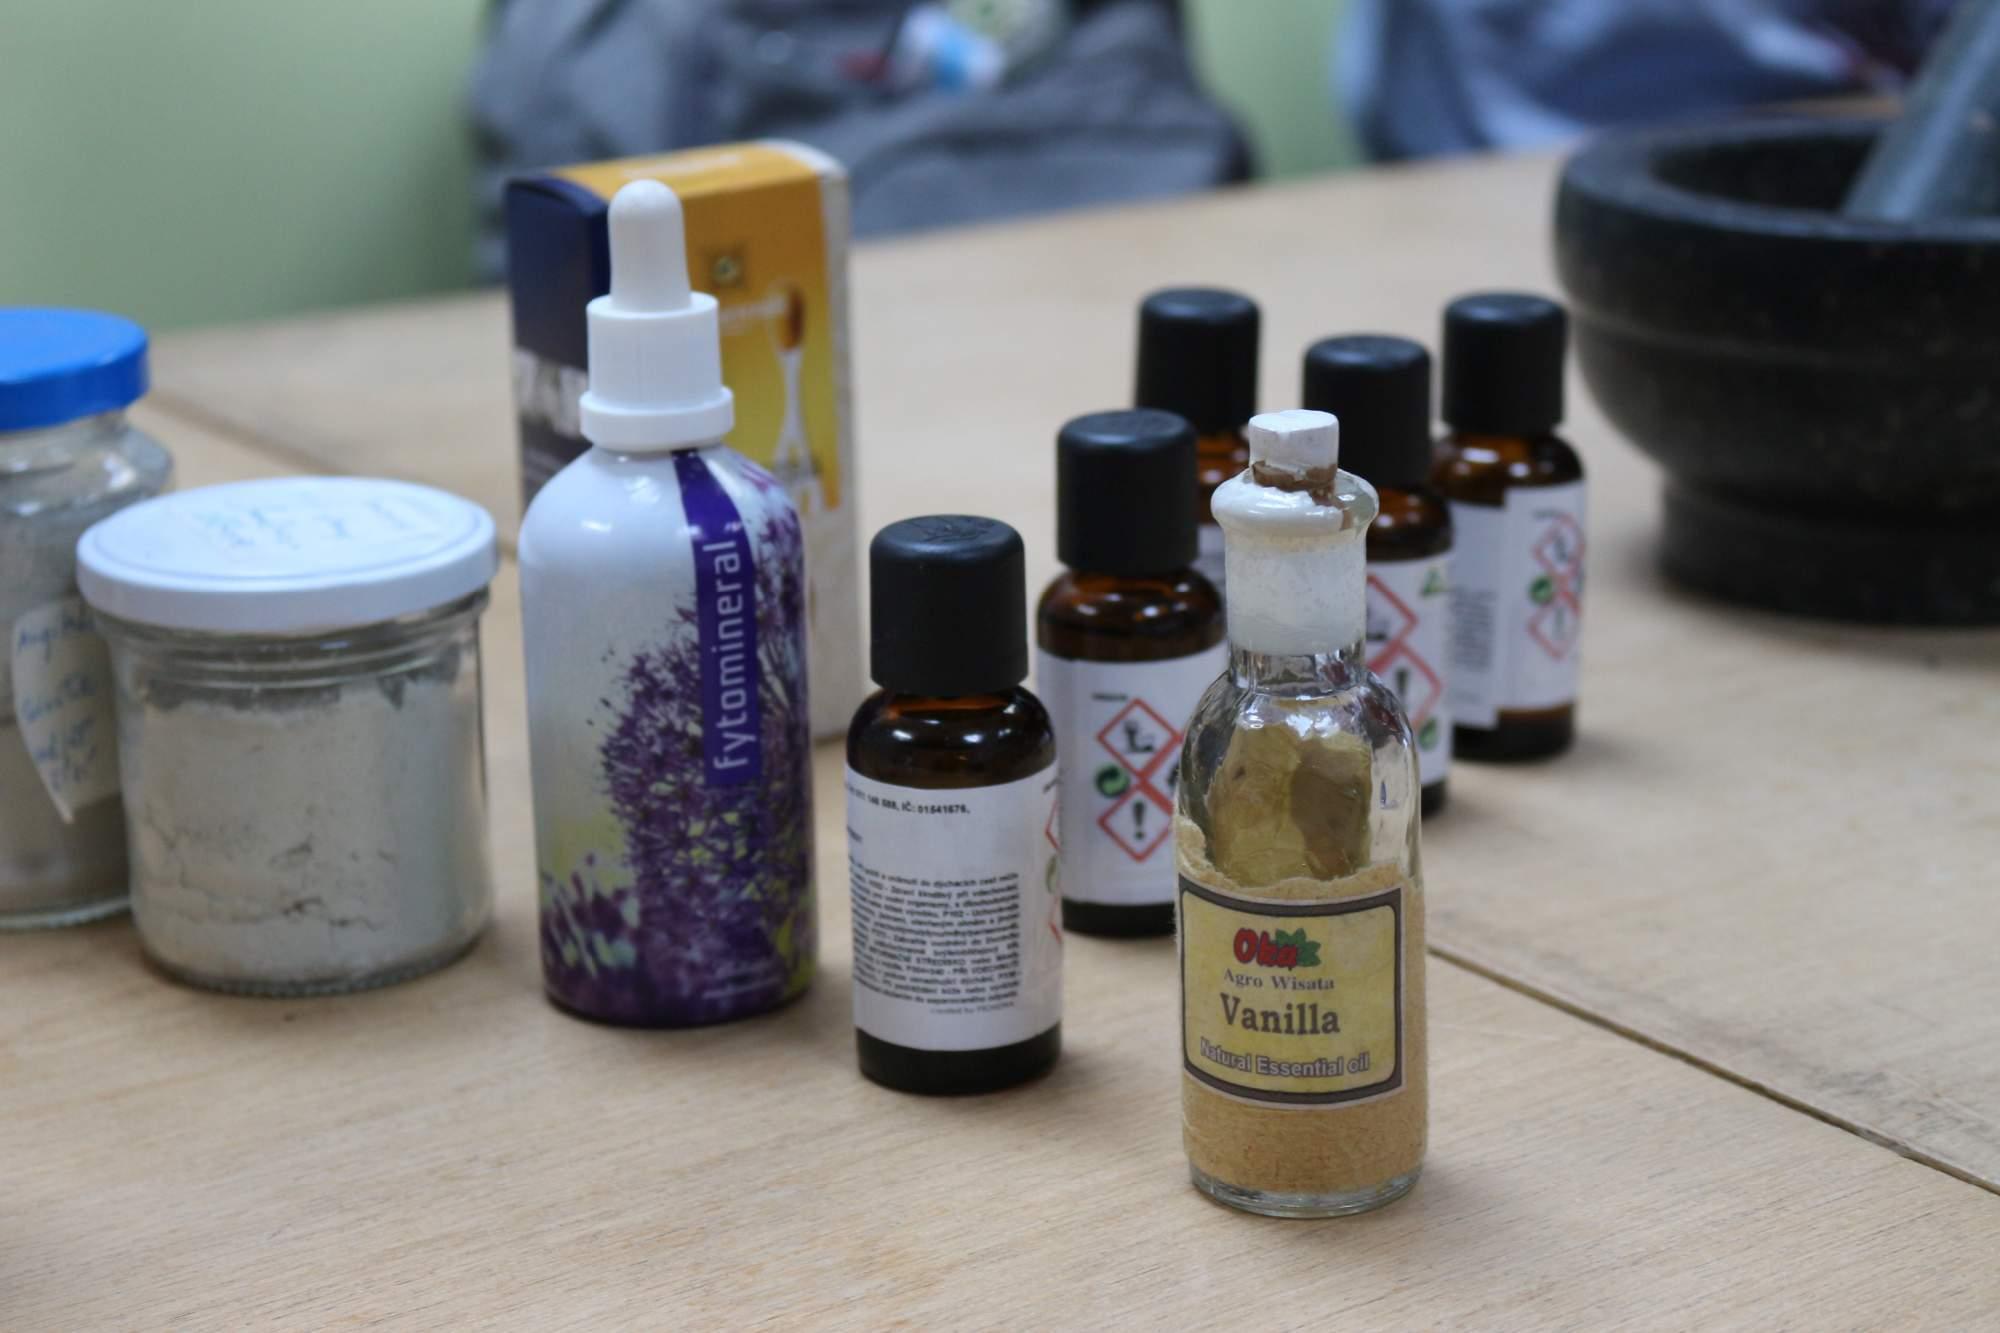 Dôležitou súčasťou kozmetiky je jej vôňa. Využíva sa aj argánový olej, ktorý sa pridáva do krémov alebo mydla. Pridáva sa však len malé množstvo a je vhodný najmä na pleť. Z esenciálnych olejov využívali účastníčky najmä vôňu rozmarínu a vanilky. Foto: Simona Gálová